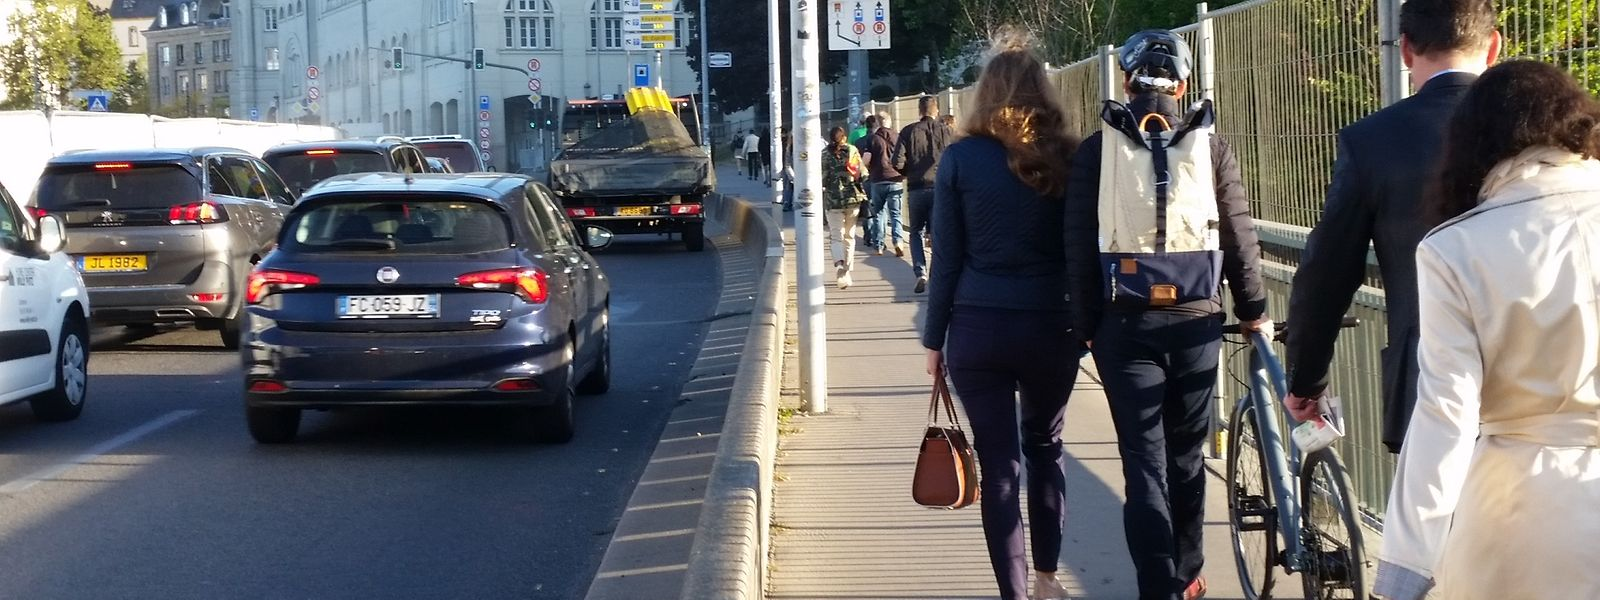 Pour l'heure et en attendant la fin des travaux sur le viaduc, piétons et cyclistes se partagent le même trottoir pour passer du quartier gare à celui de la ville haute.